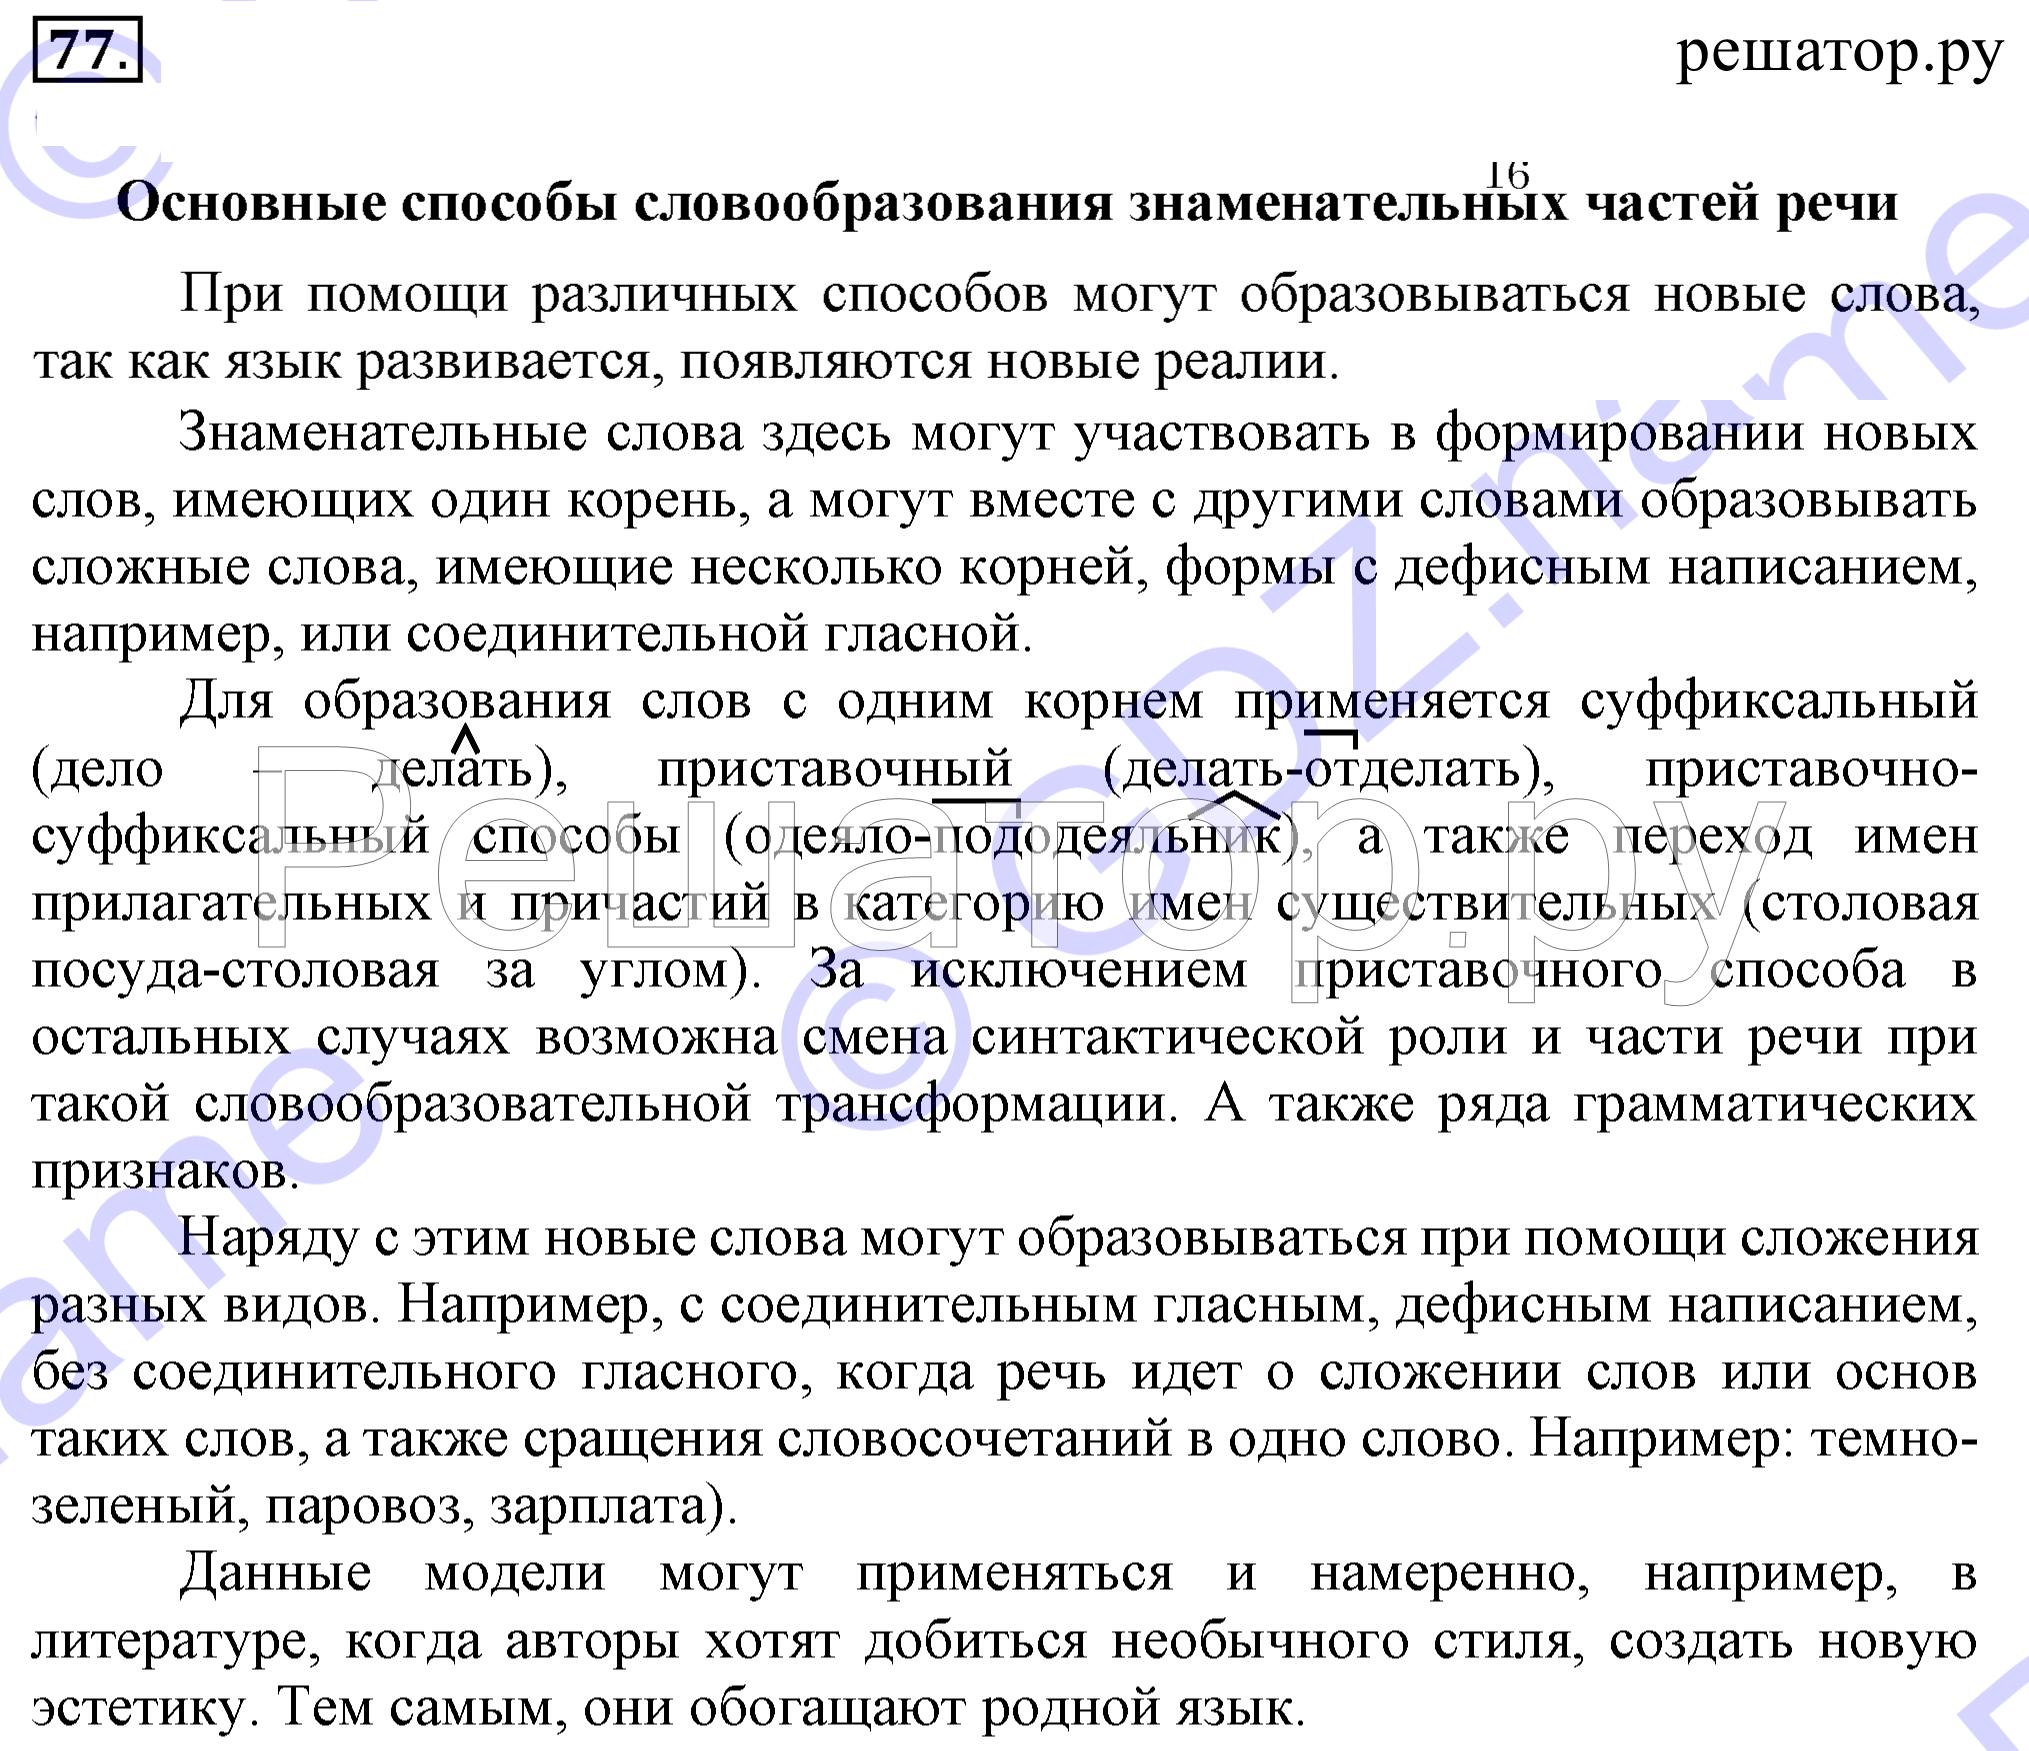 Гдз по русскому 7 класс разумовская 2018 онлайн